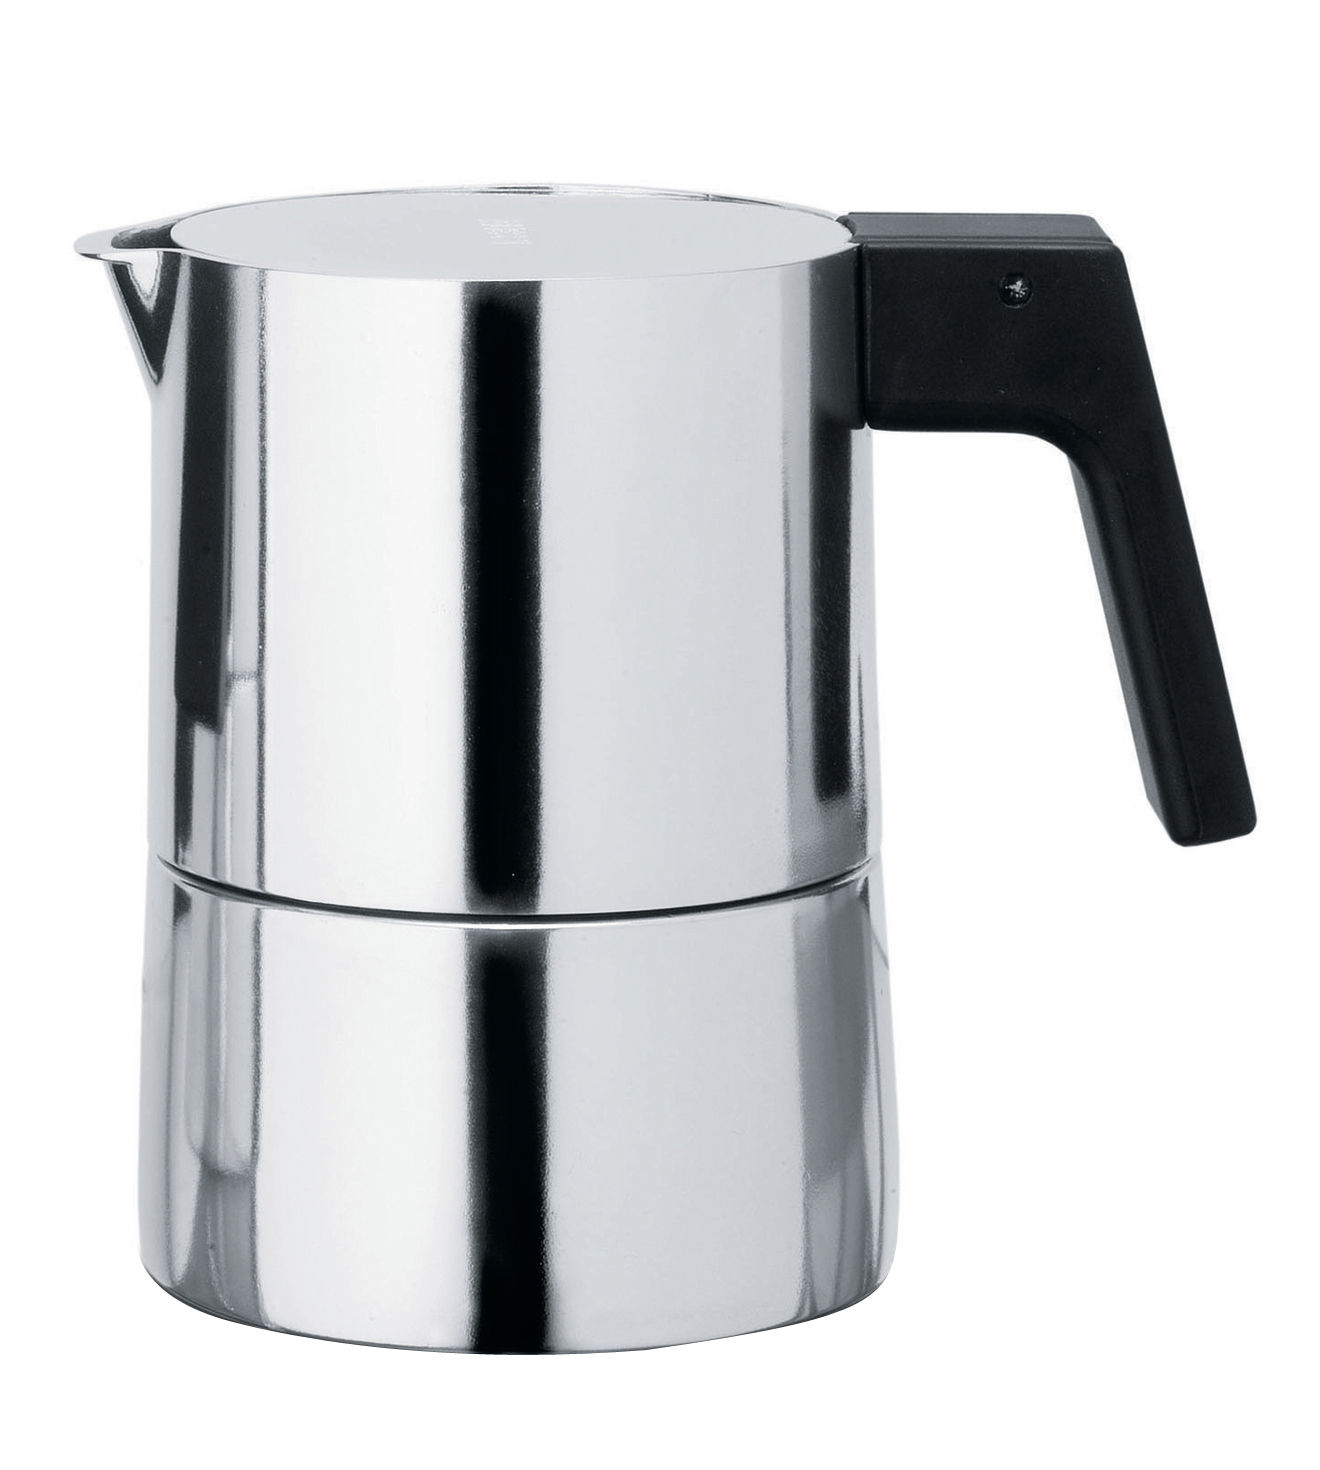 Alessi Italian Coffee Maker : Pina Italian espresso maker - 3 cups 3 cups by Alessi